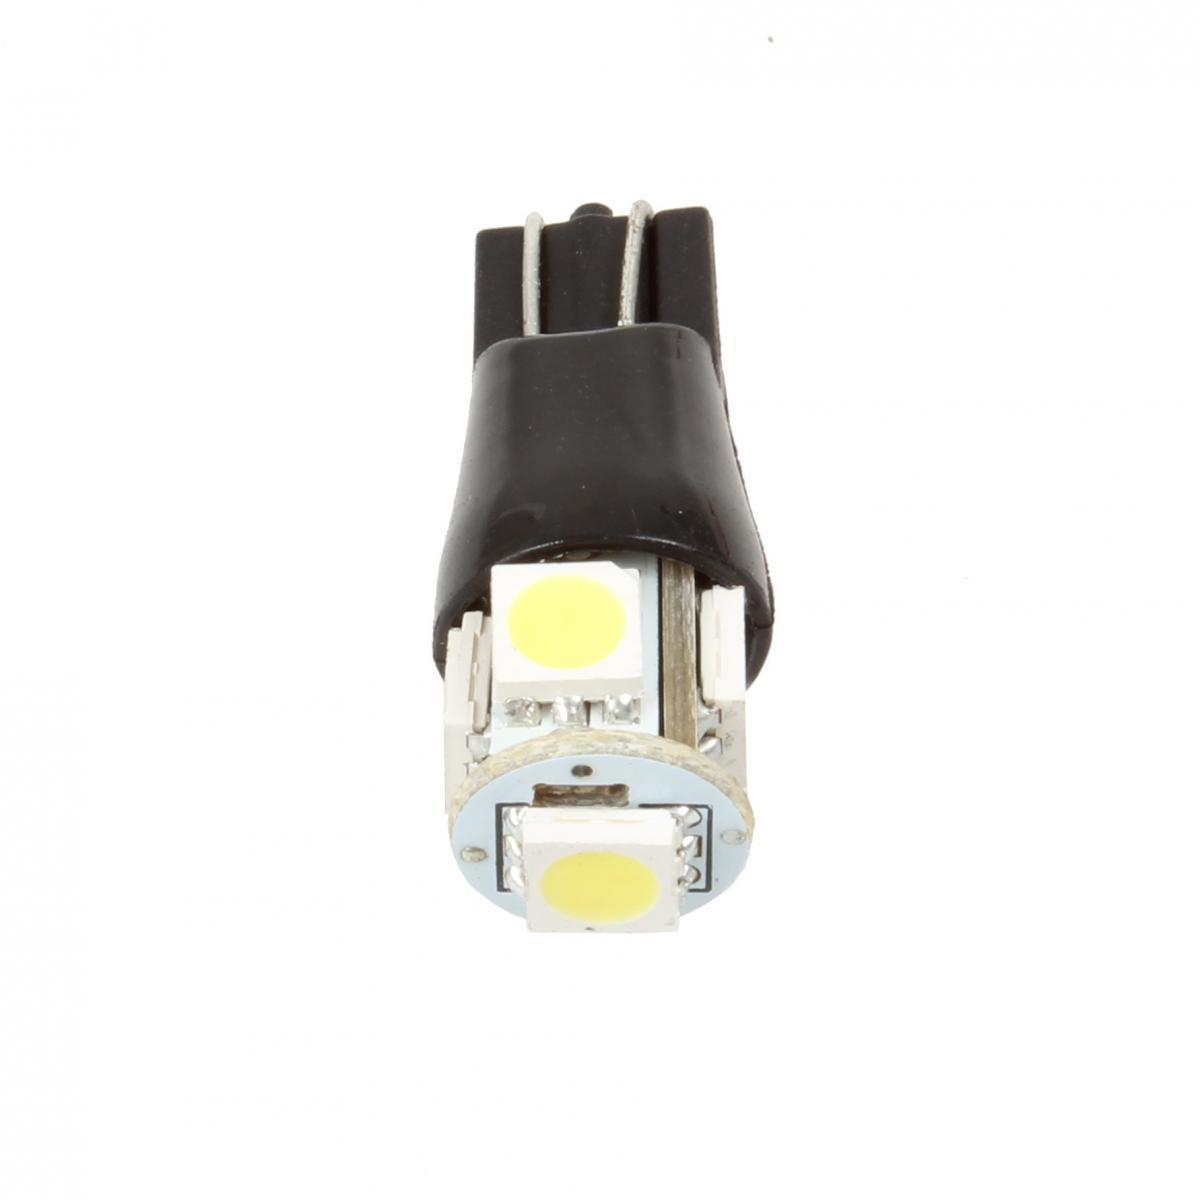 2pcs White Parking Light T10 168 High Bright Car Led